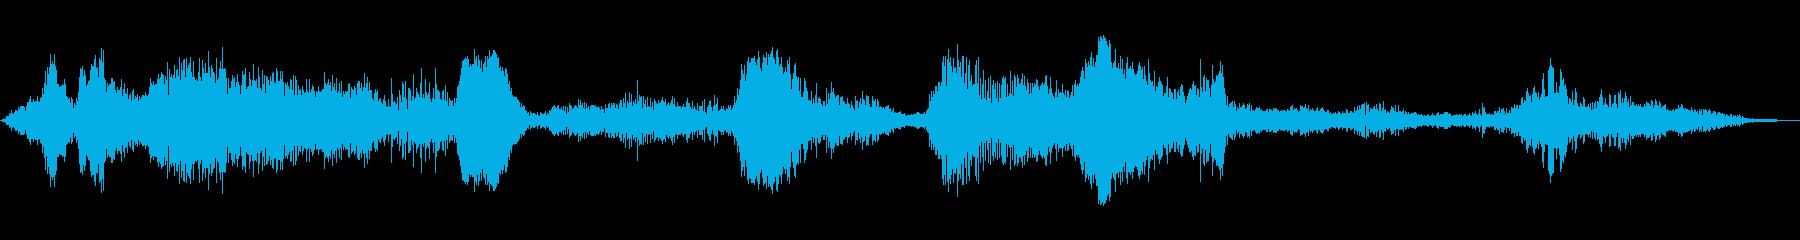 魔獣・ゾンビの吠え声の再生済みの波形